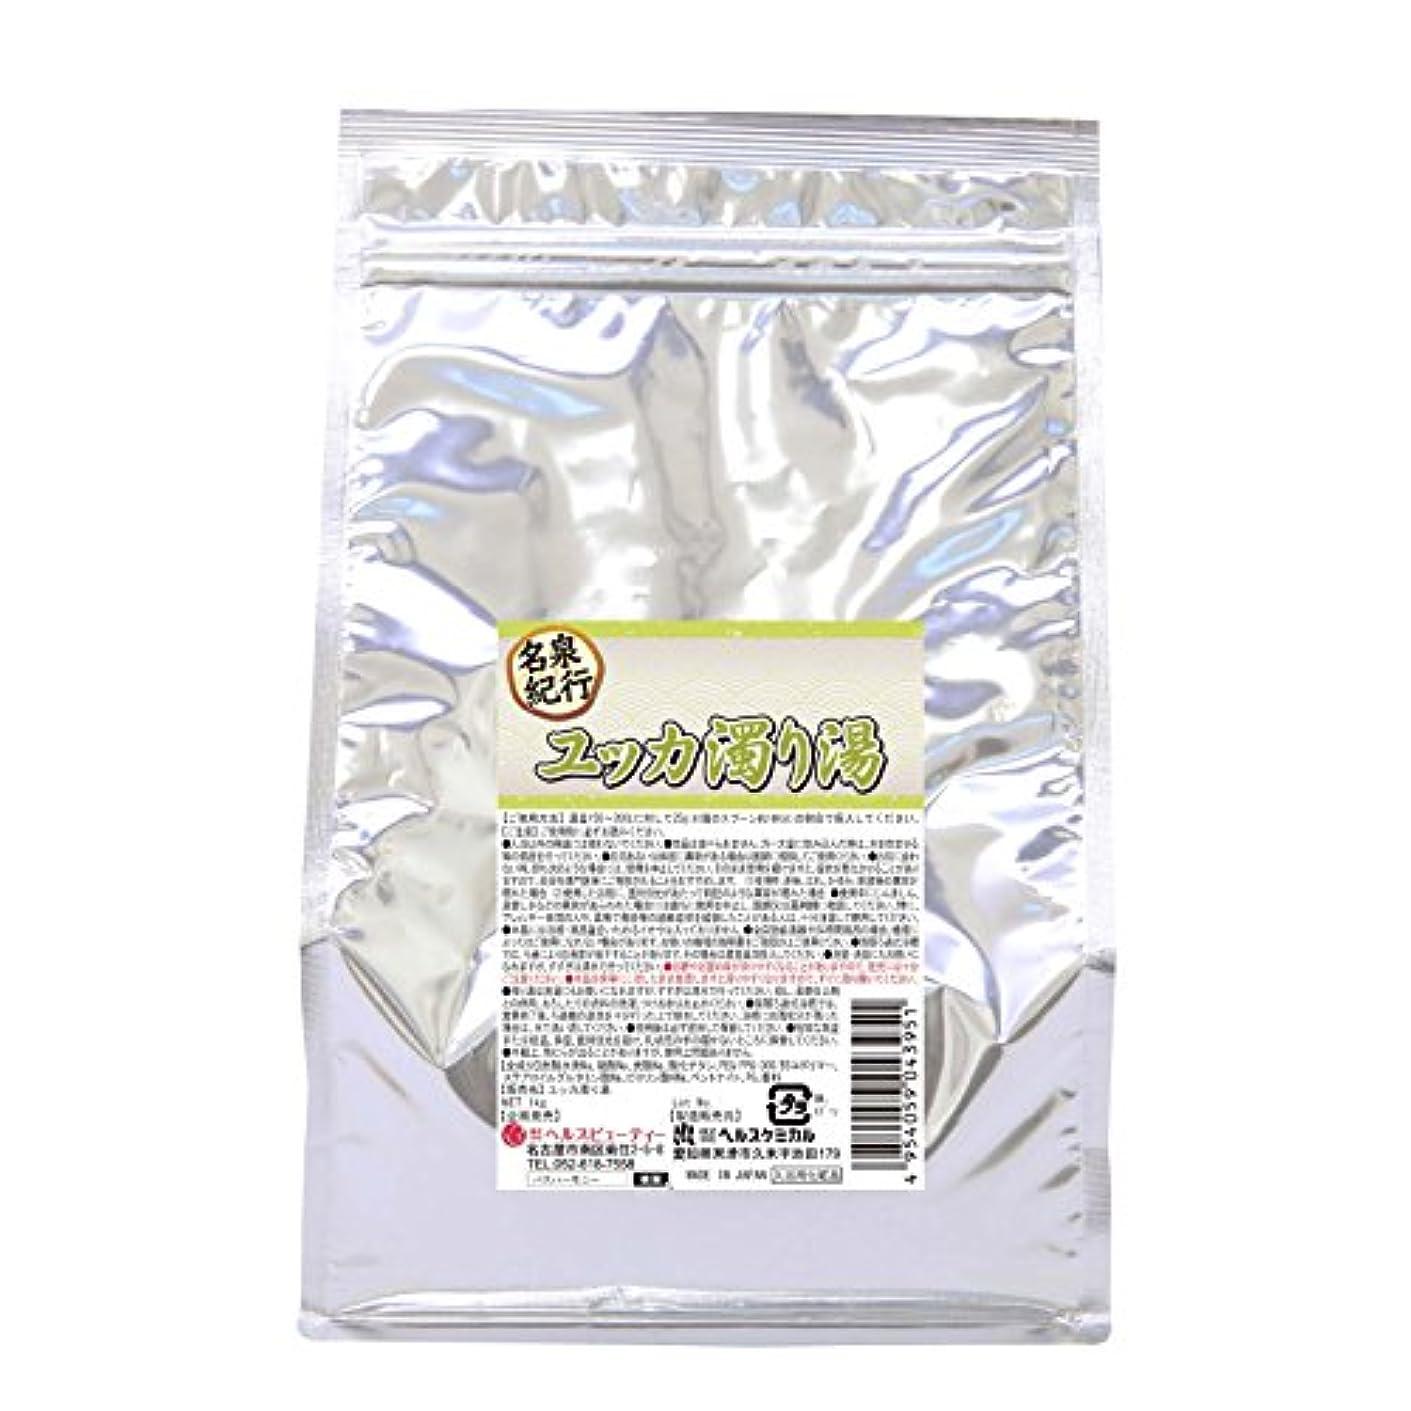 アーサーコナンドイル消える火山の入浴剤 湯匠仕込 ユッカ濁り湯 1kg 50回分 お徳用